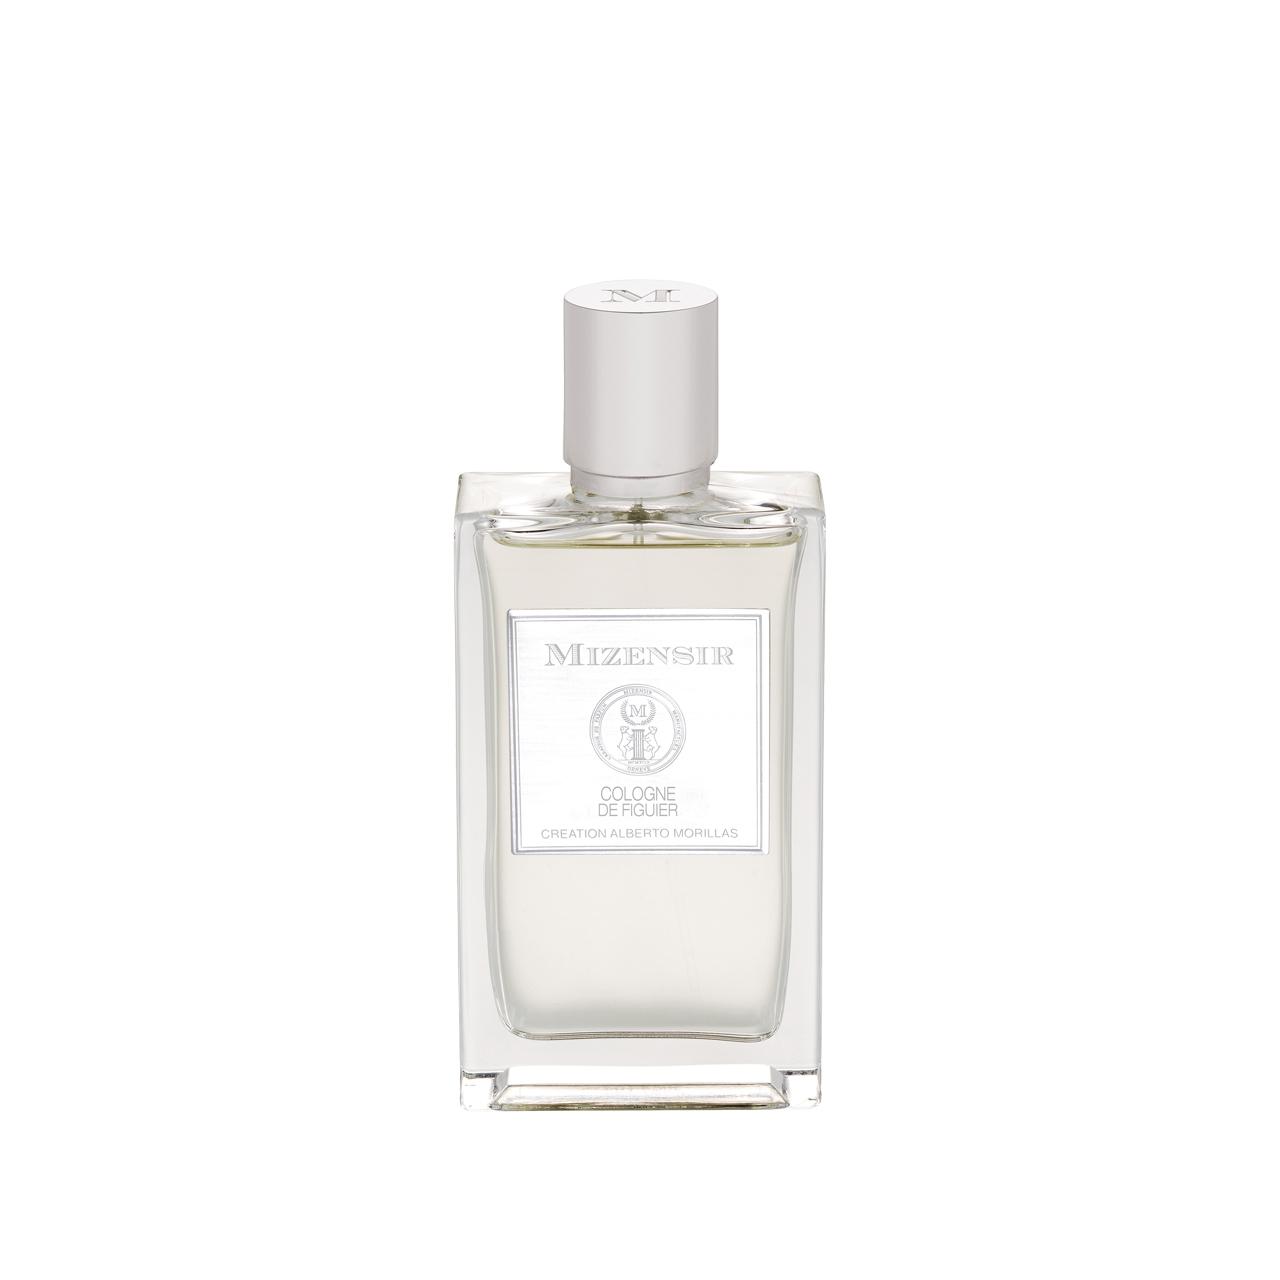 Cologne de Figuier - Eau de Parfum